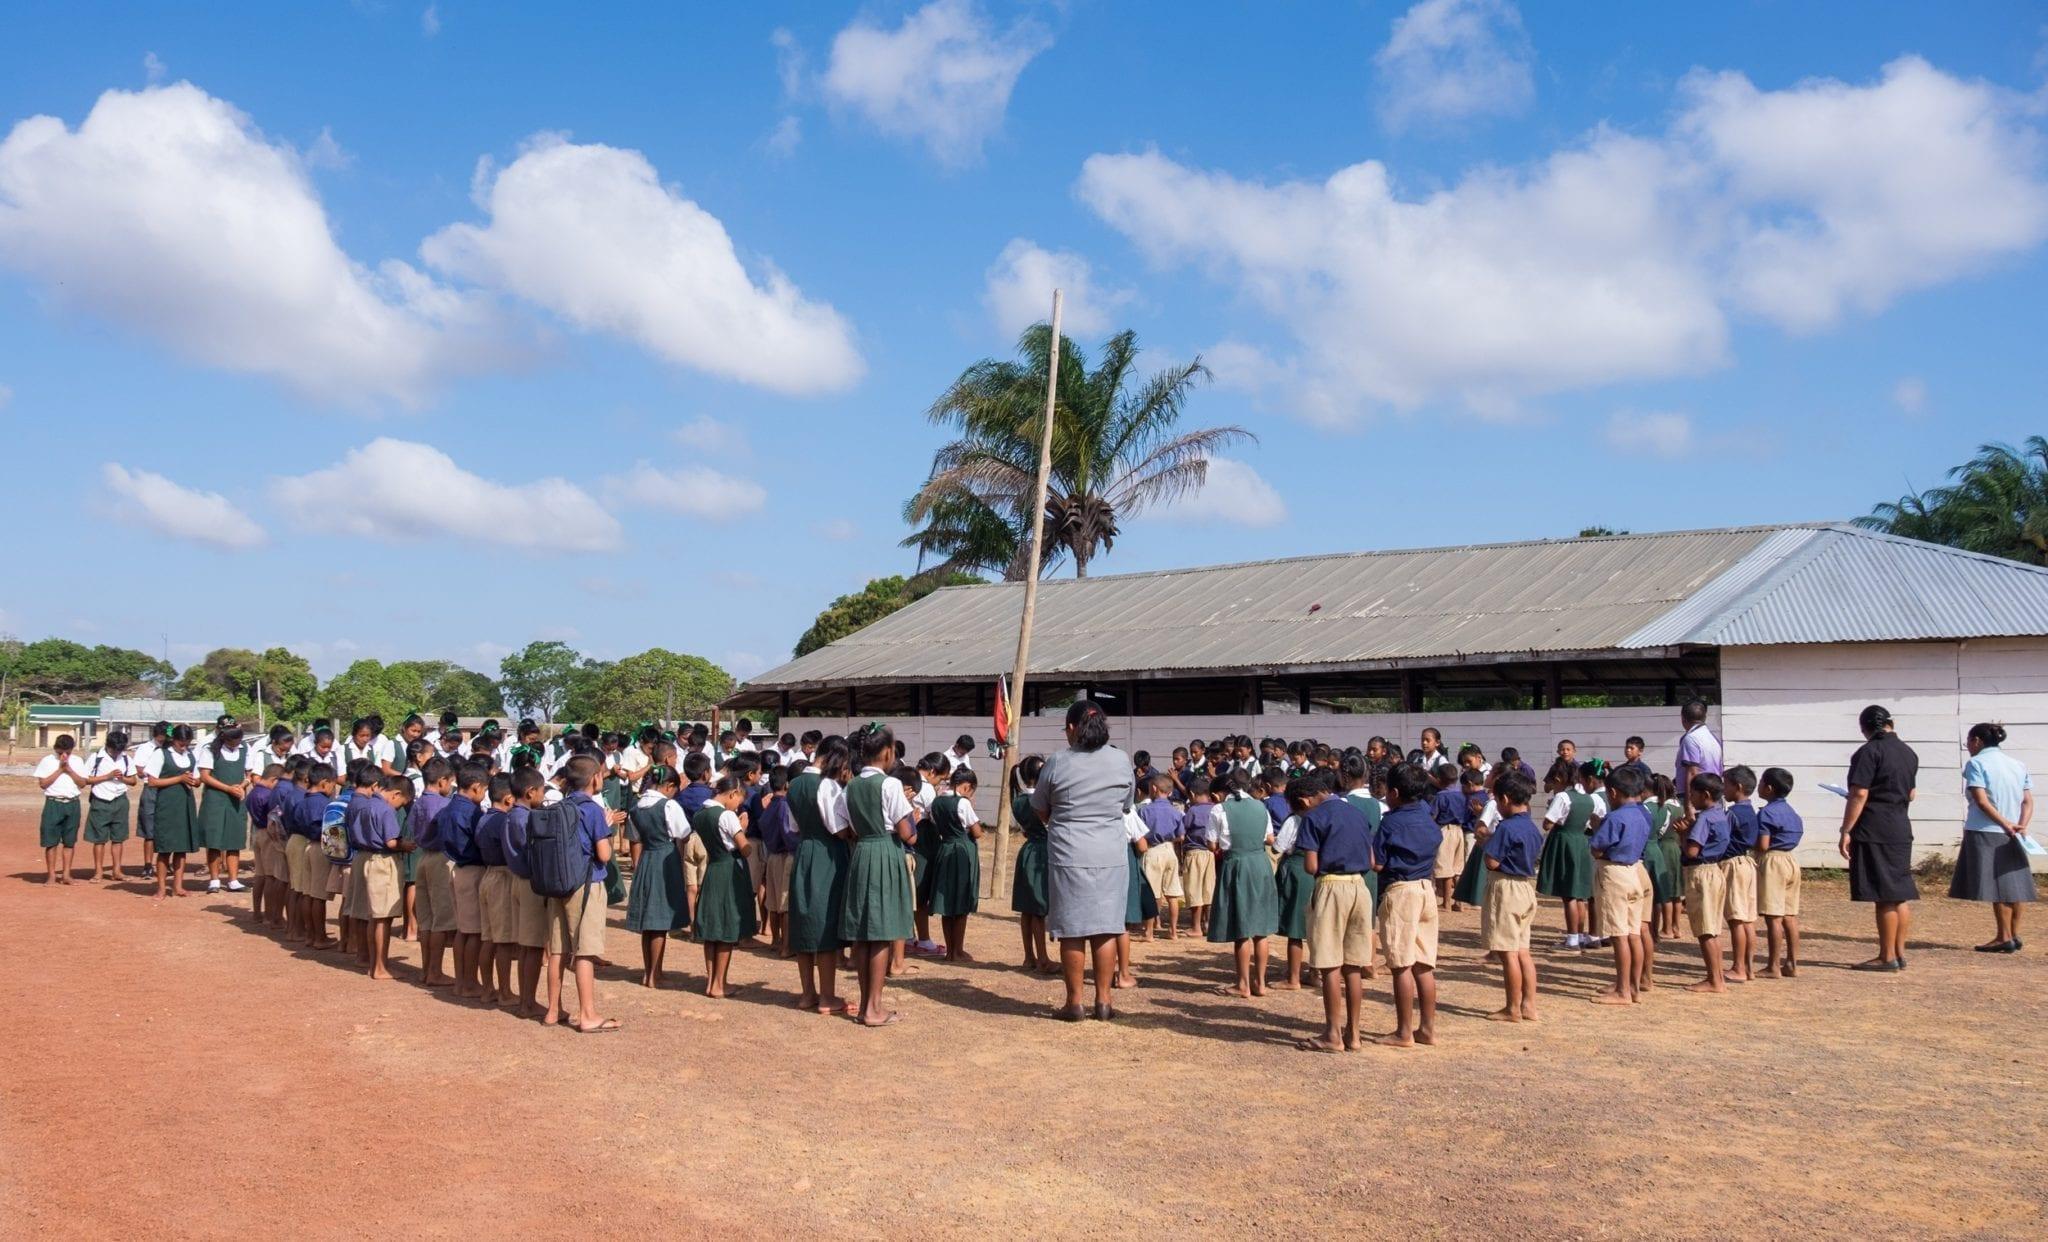 DSCF7466 ▷ ¿Qué es realmente como viajar a Guyana?